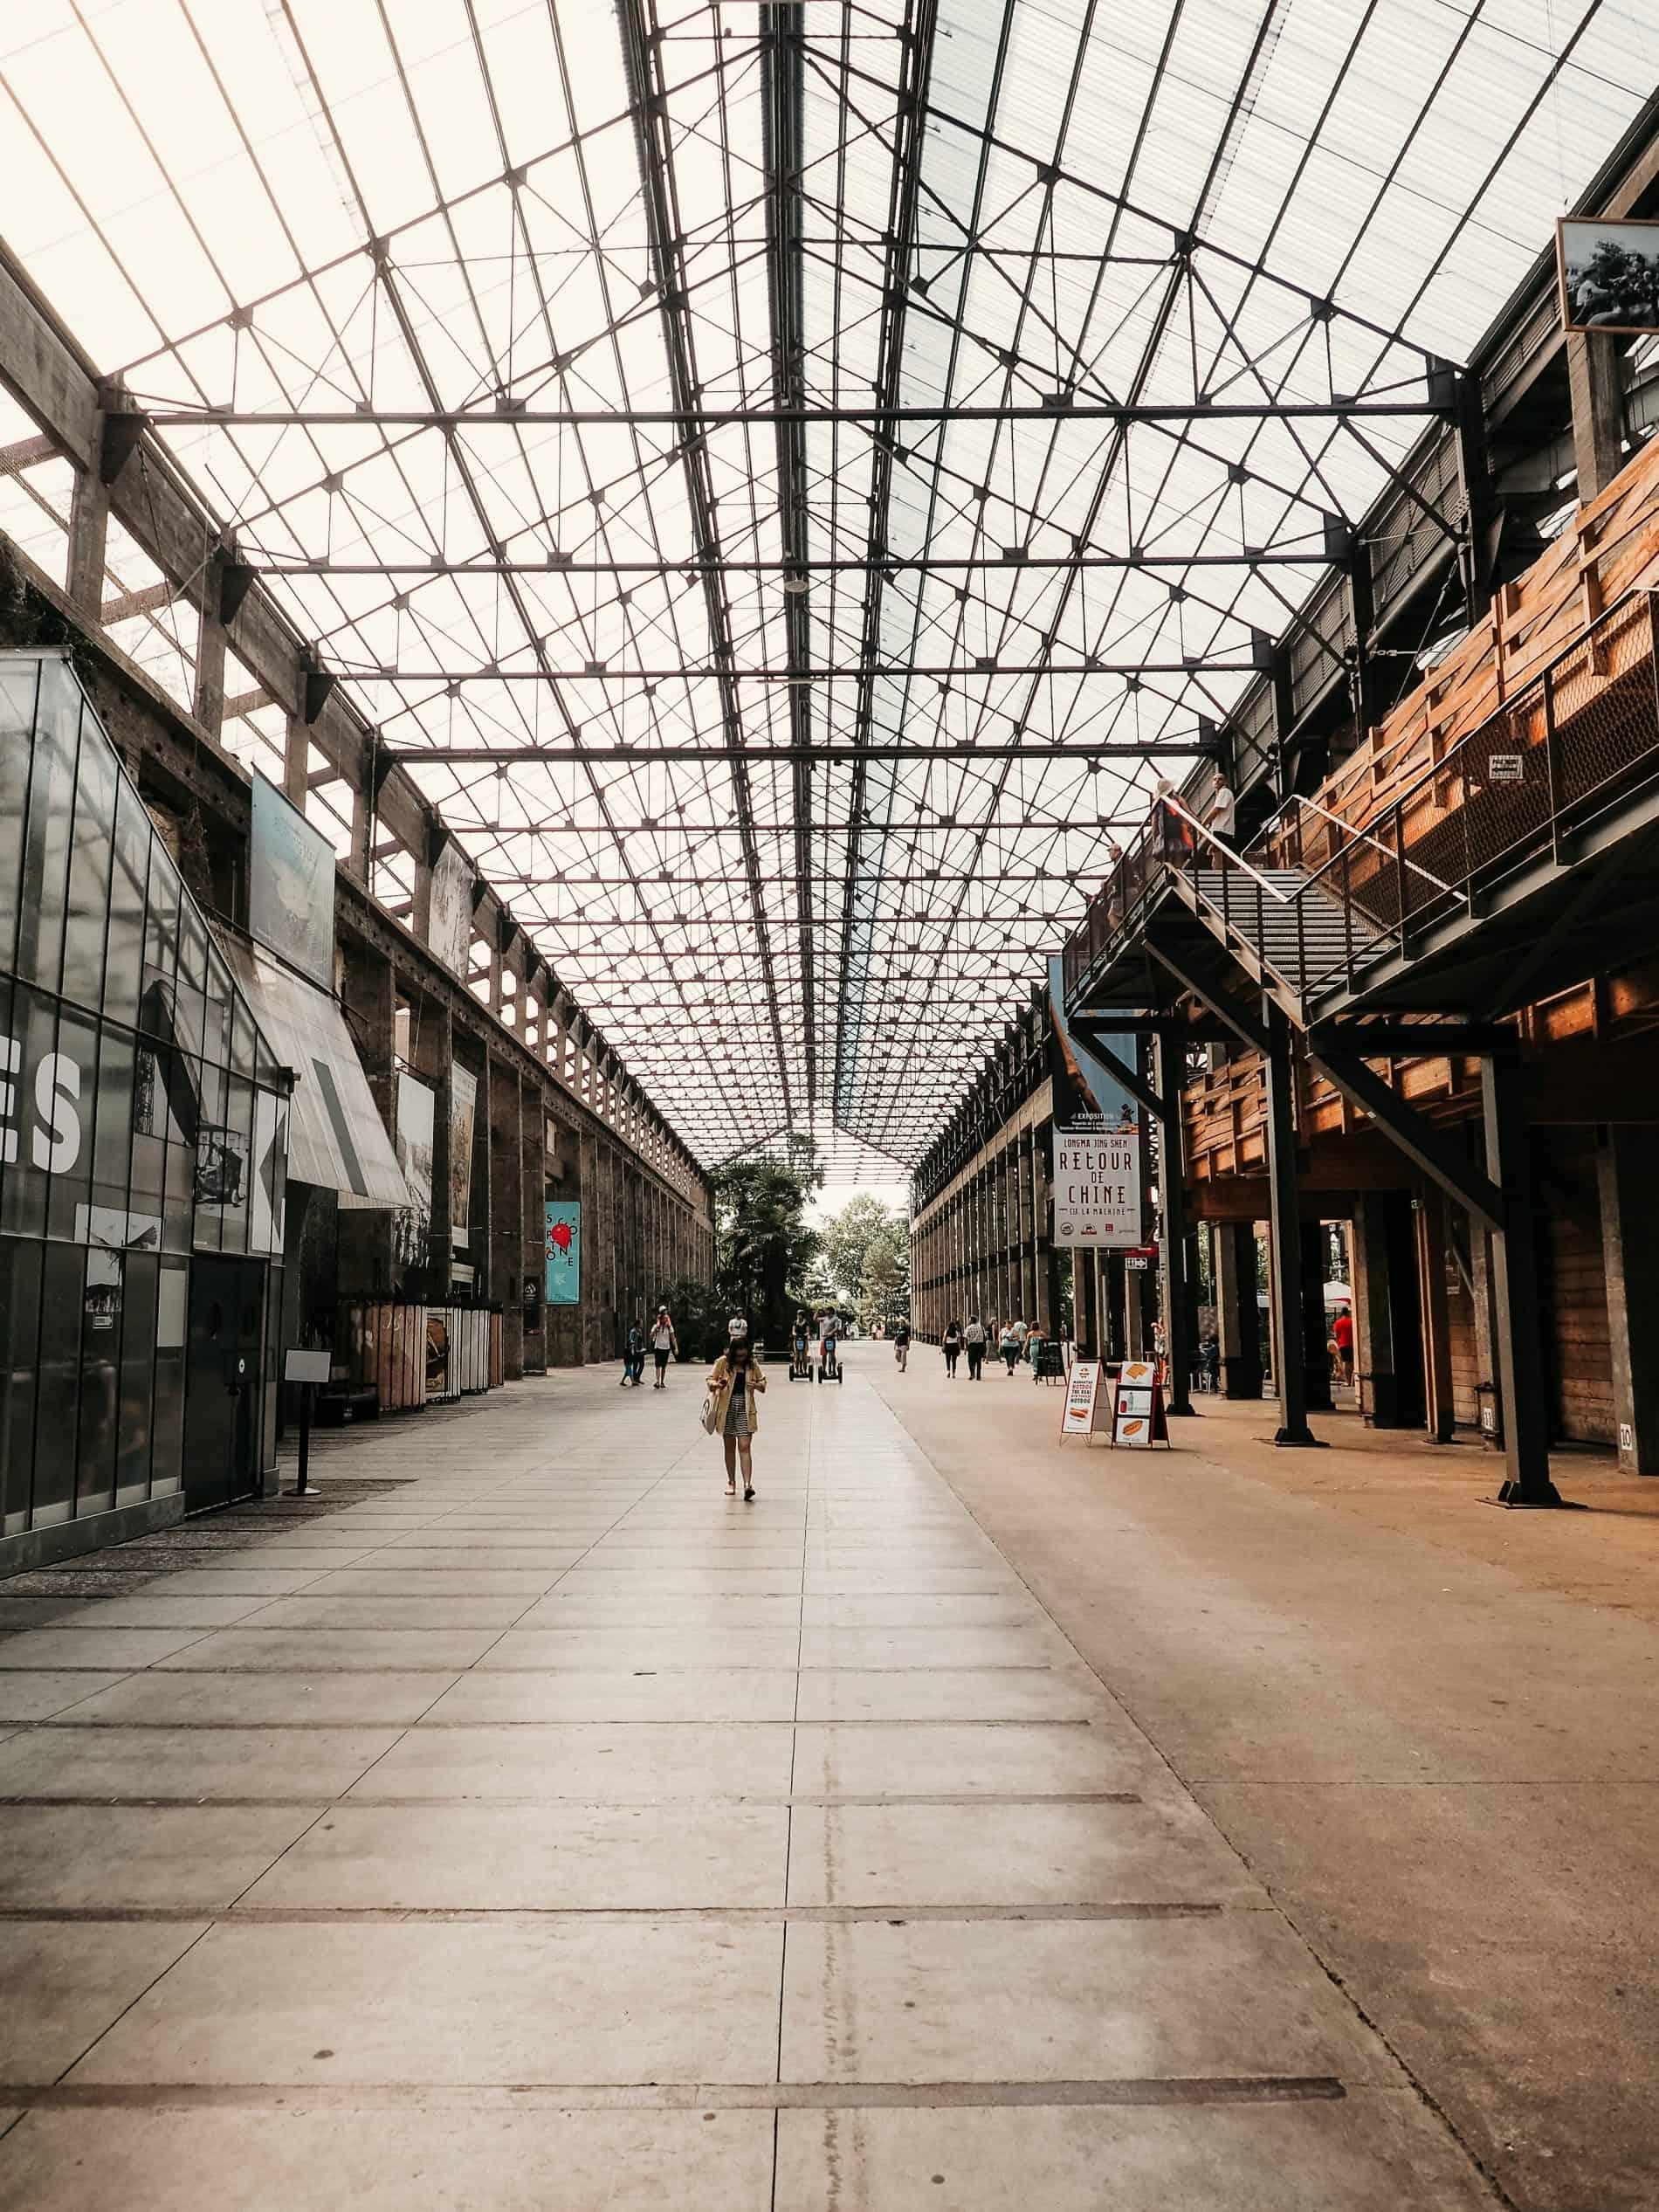 week-end à Nantes cityguide voyage France Les Machines de l'île Hangar